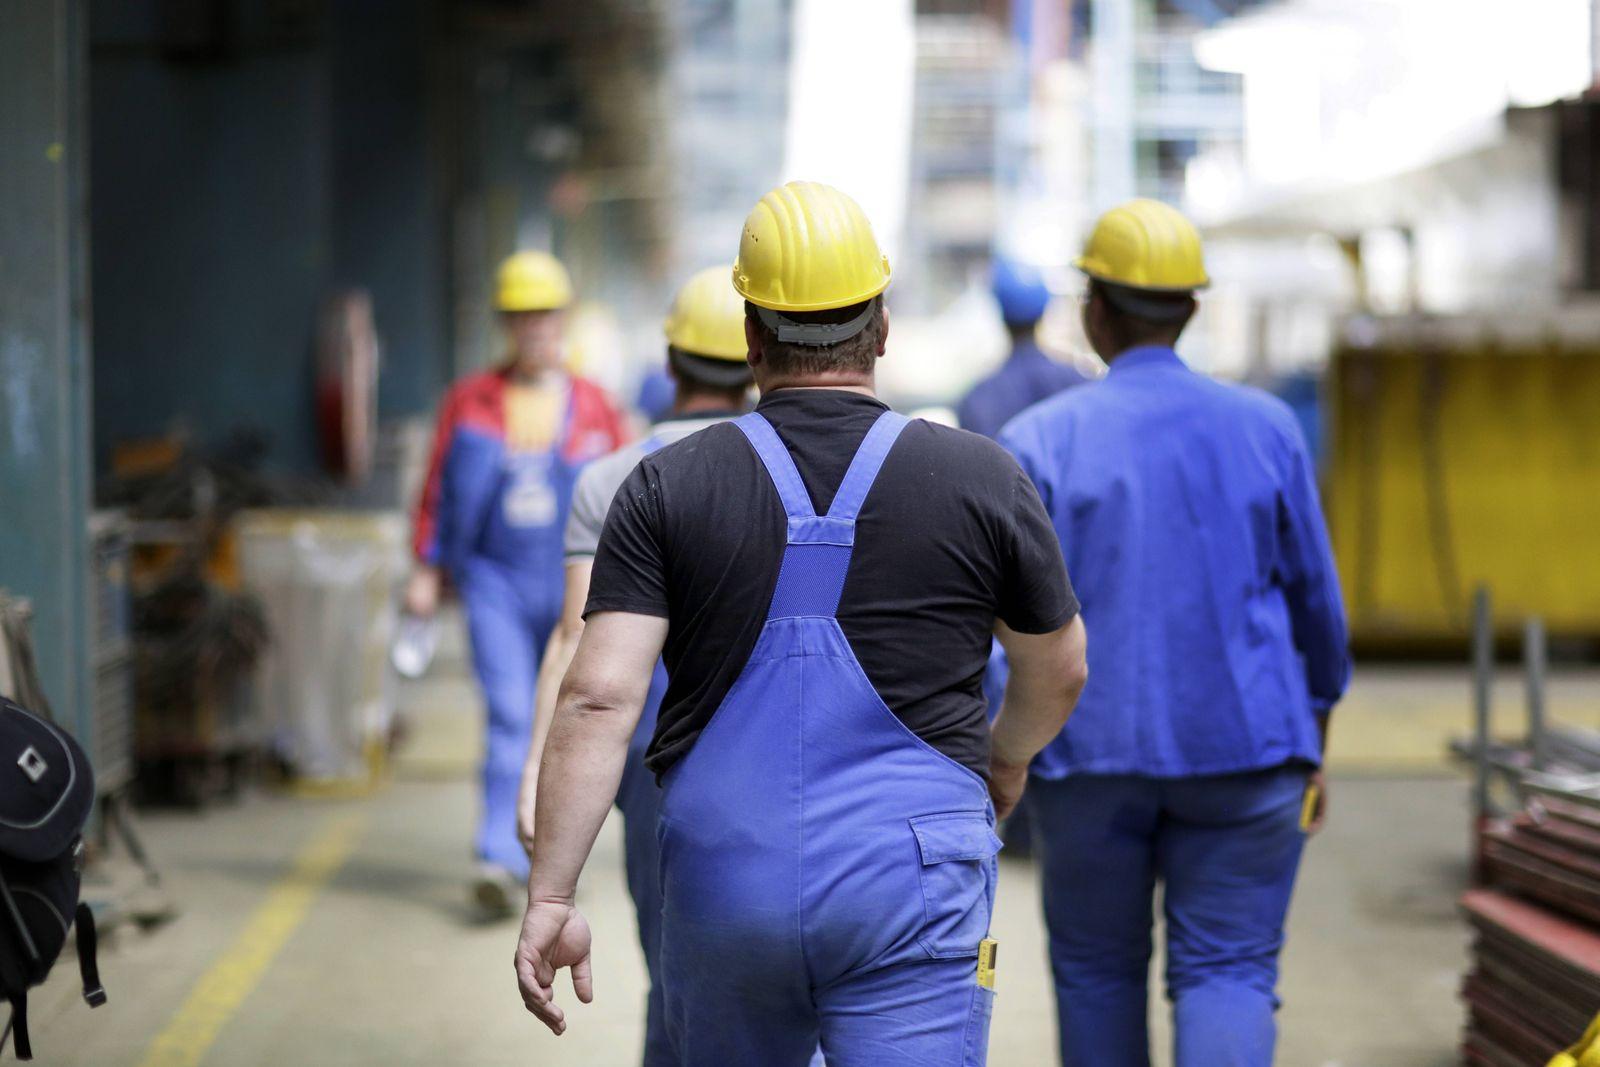 Arbeiter in der Meyer Werft in Papenburg 09 07 2015 Papenburg Deutschland PUBLICATIONxINxGERxSUIxA